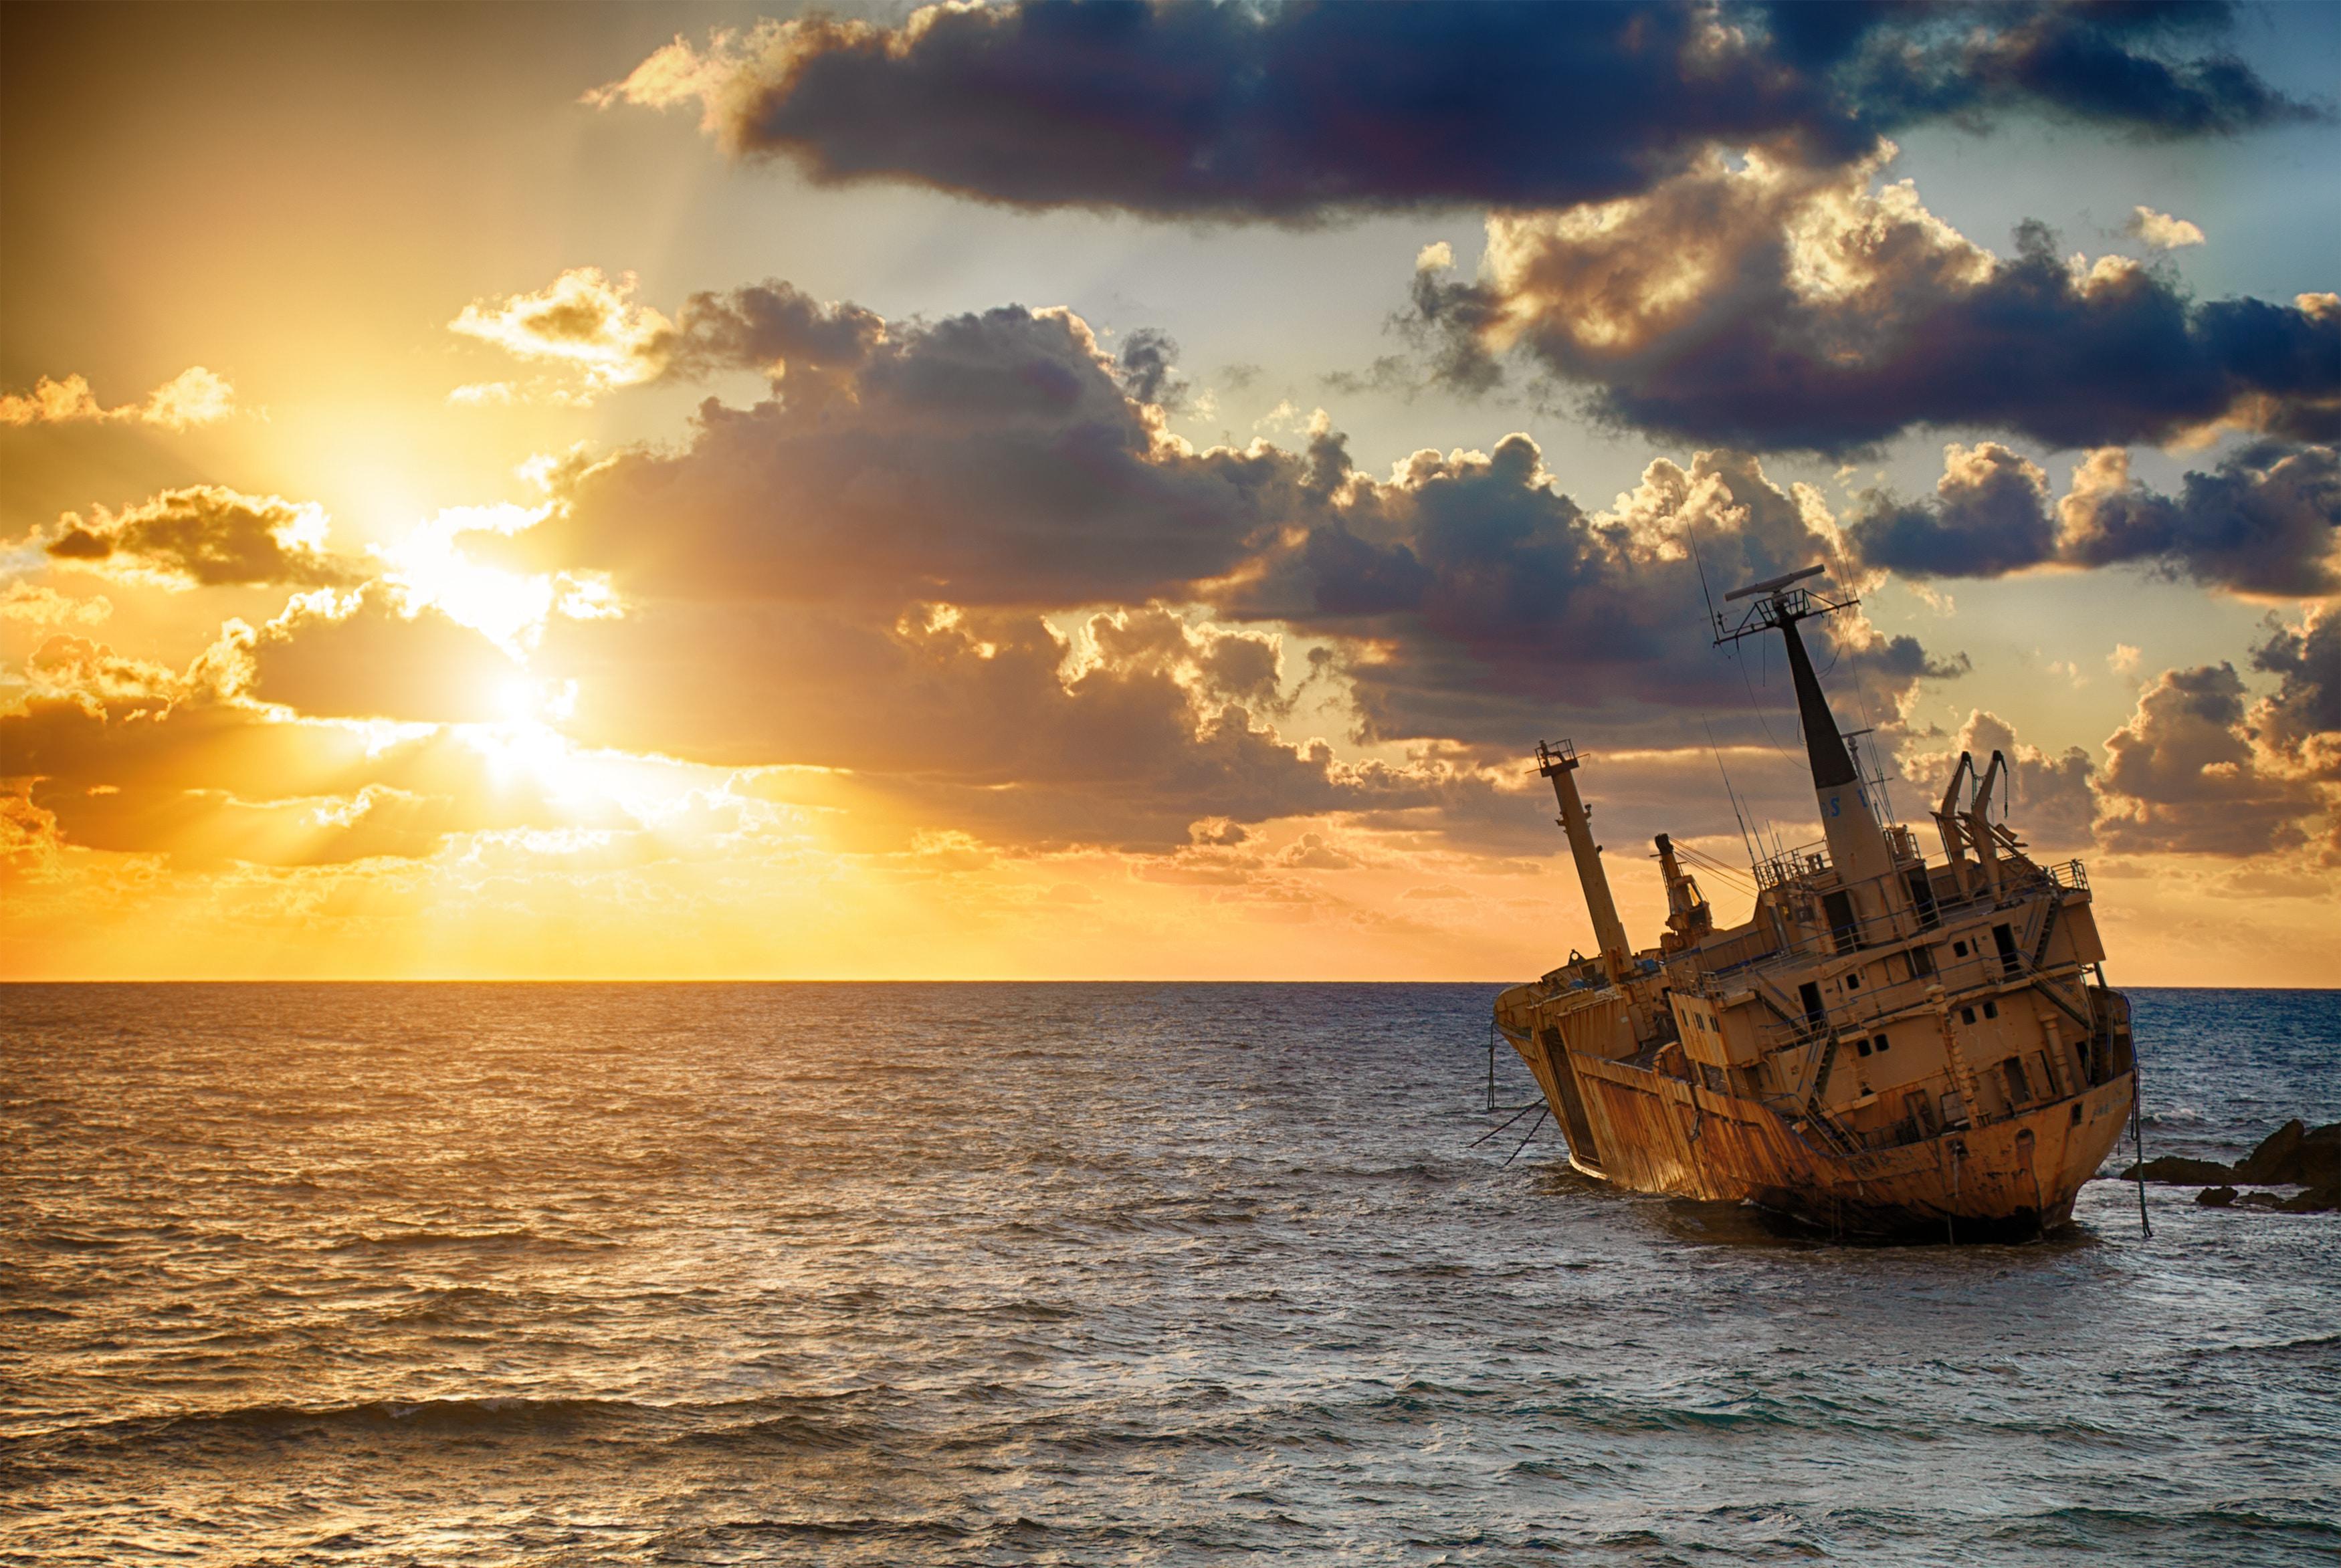 ik sta op een beschadigd schip